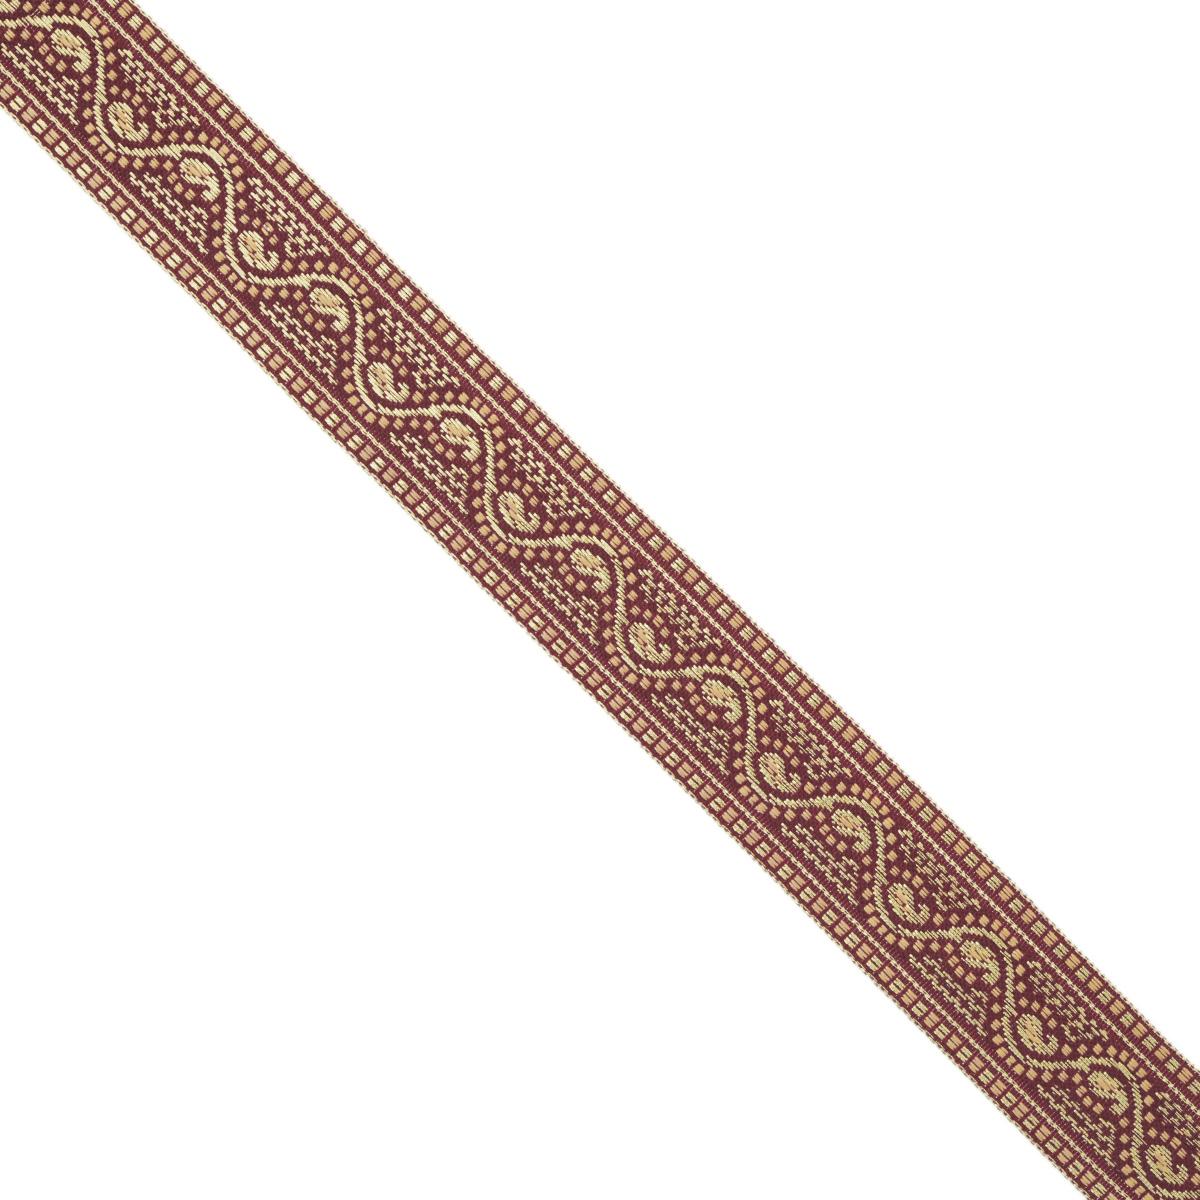 Тесьма декоративная Астра, цвет: бордовый (А23), ширина 2,5 см, длина 16,4 м. 77033397703339_А23Декоративная тесьма Астра выполнена из текстиля и оформлена оригинальным орнаментом. Такая тесьма идеально подойдет для оформления различных творческих работ таких, как скрапбукинг, аппликация, декор коробок и открыток и многое другое. Тесьма наивысшего качества и практична в использовании. Она станет незаменимым элементом в создании рукотворного шедевра. Ширина: 2,5 см. Длина: 16,4 м.